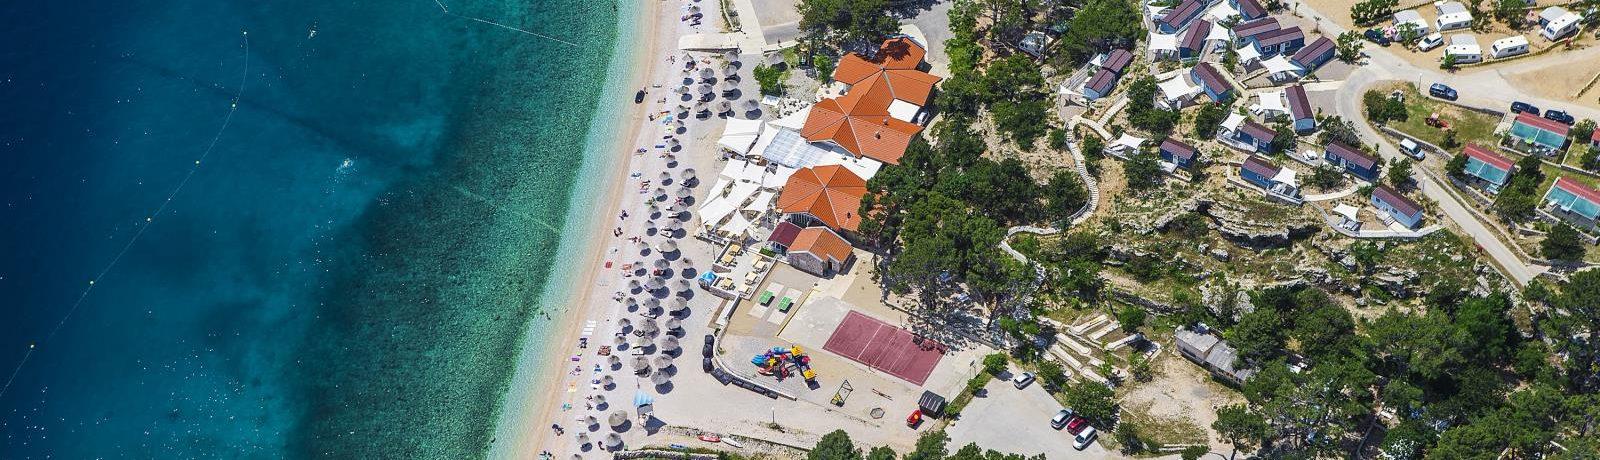 aturist Camping Bunculuka in Baška is een naturistencamping met zwembad aan zee in Primorje-Gorski Kotar in het vakantieland Kroatië.